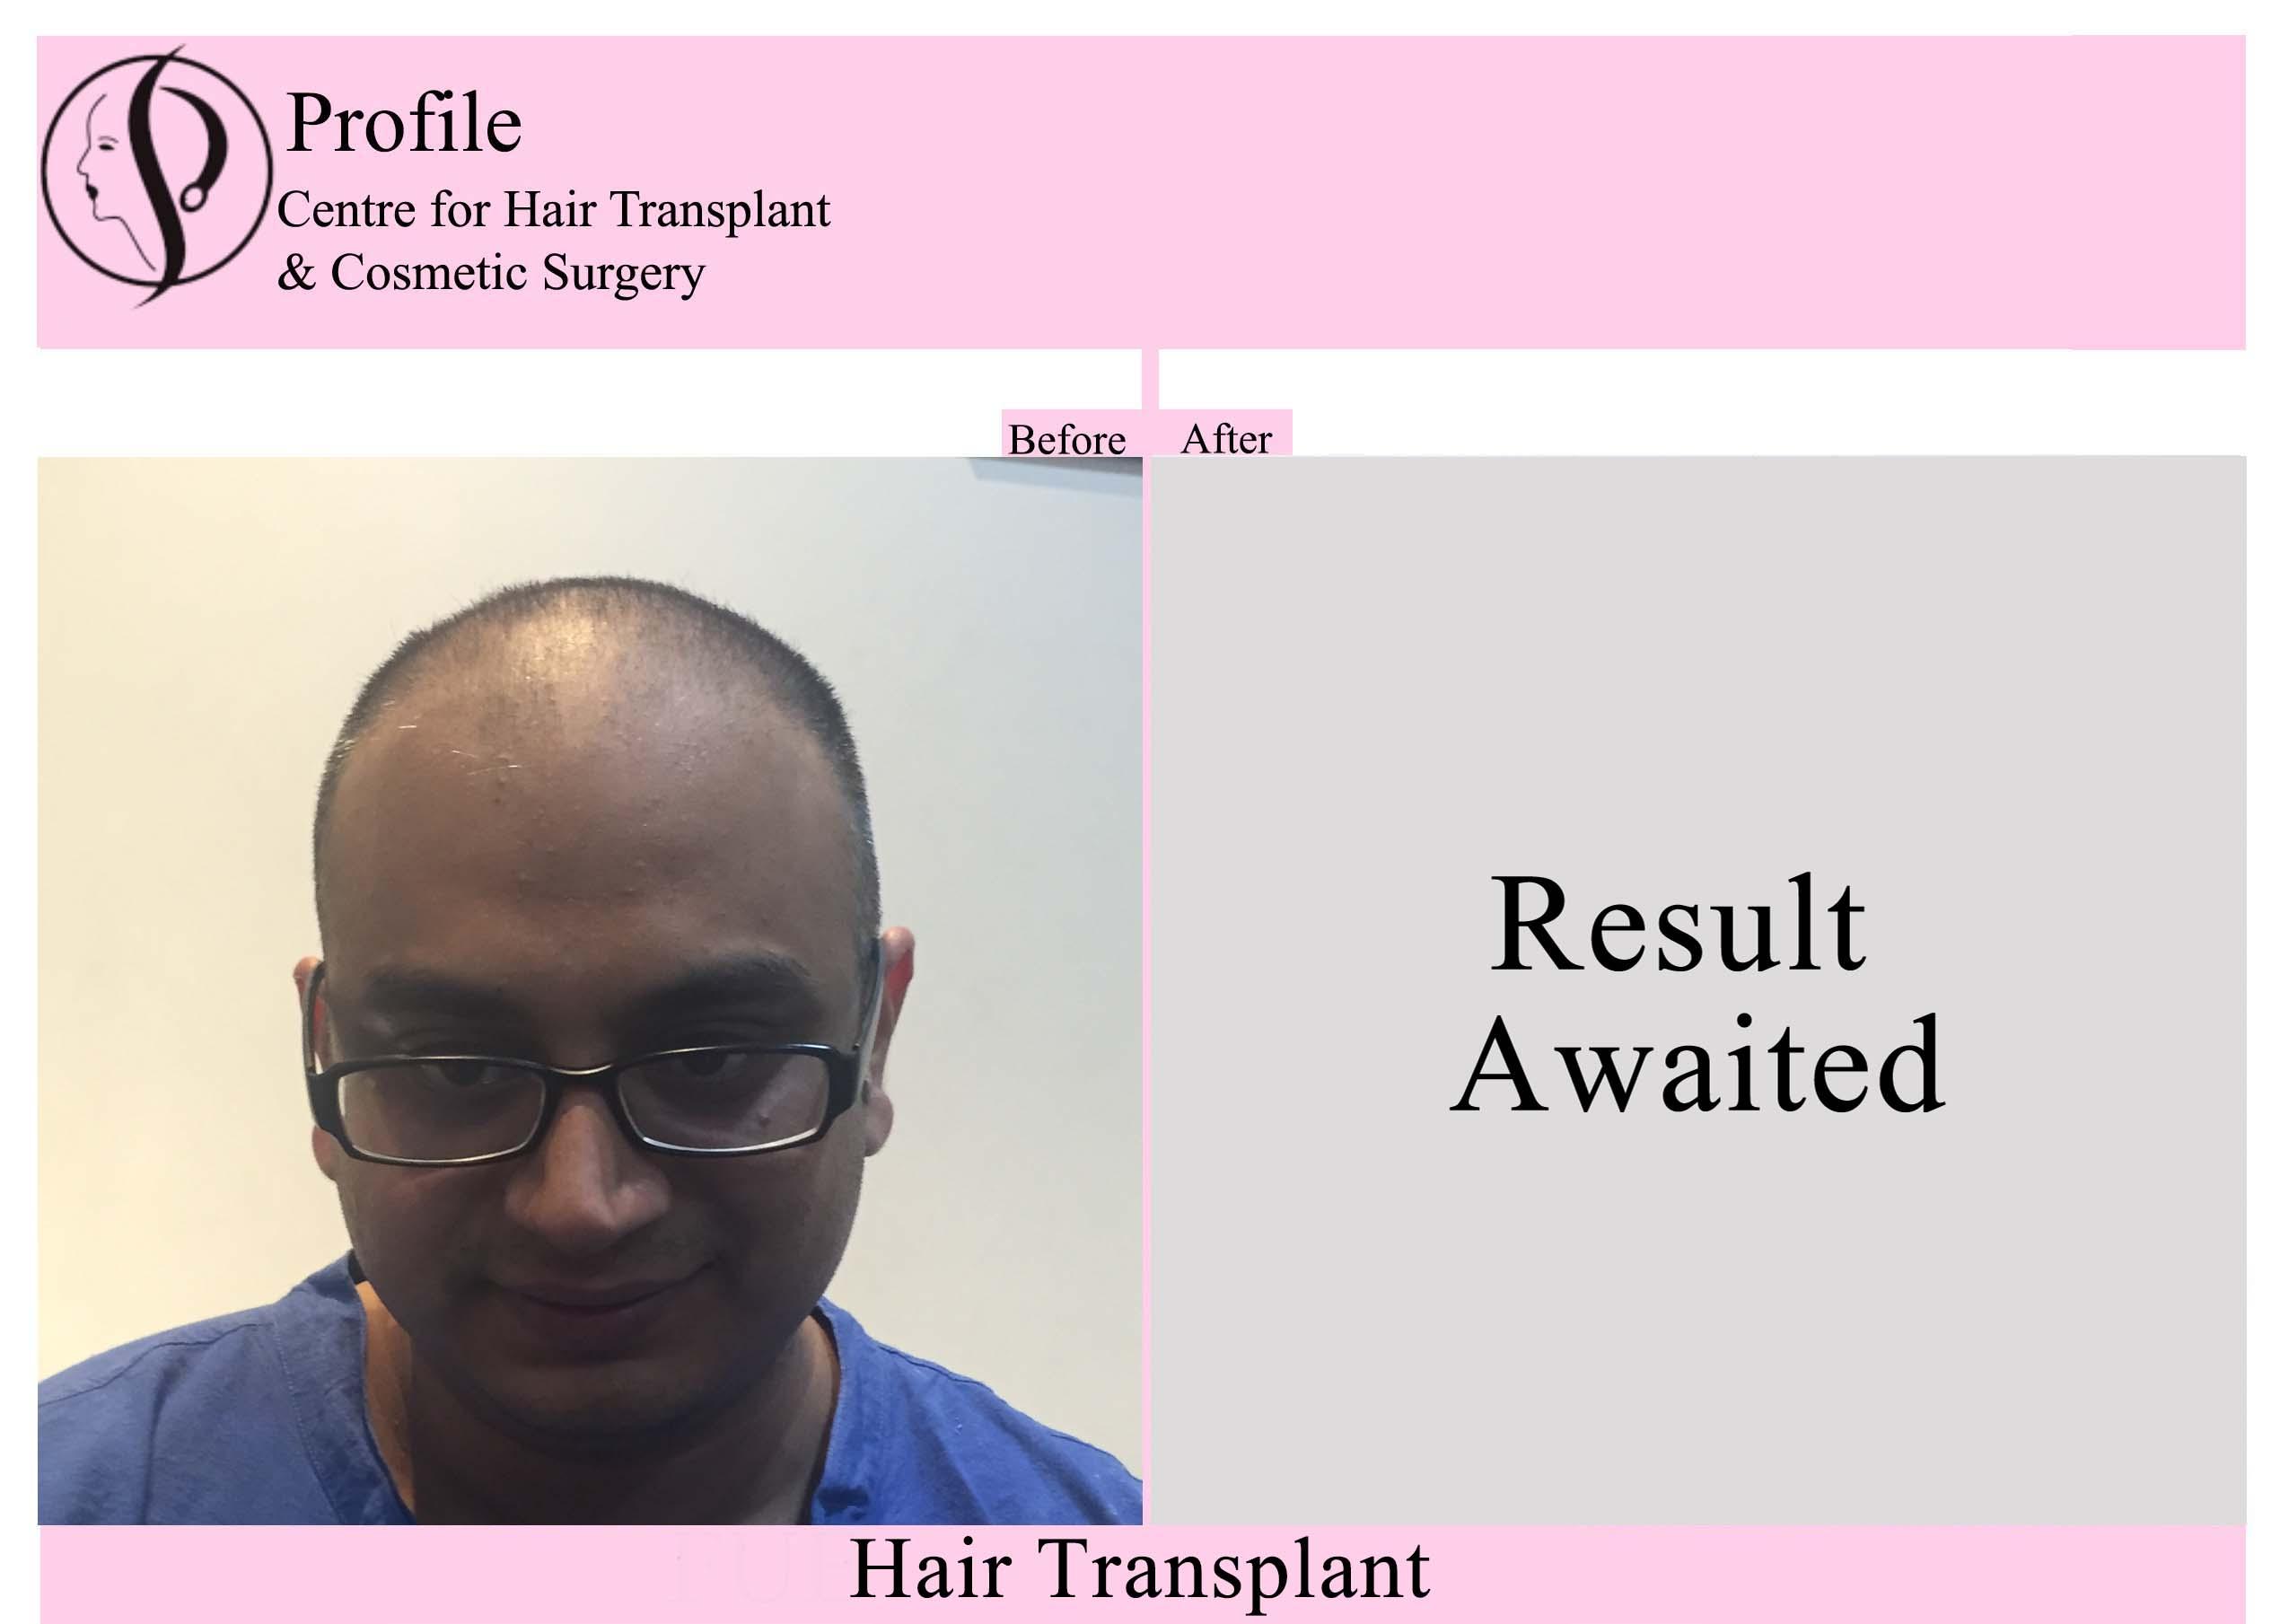 Dr. Sumit